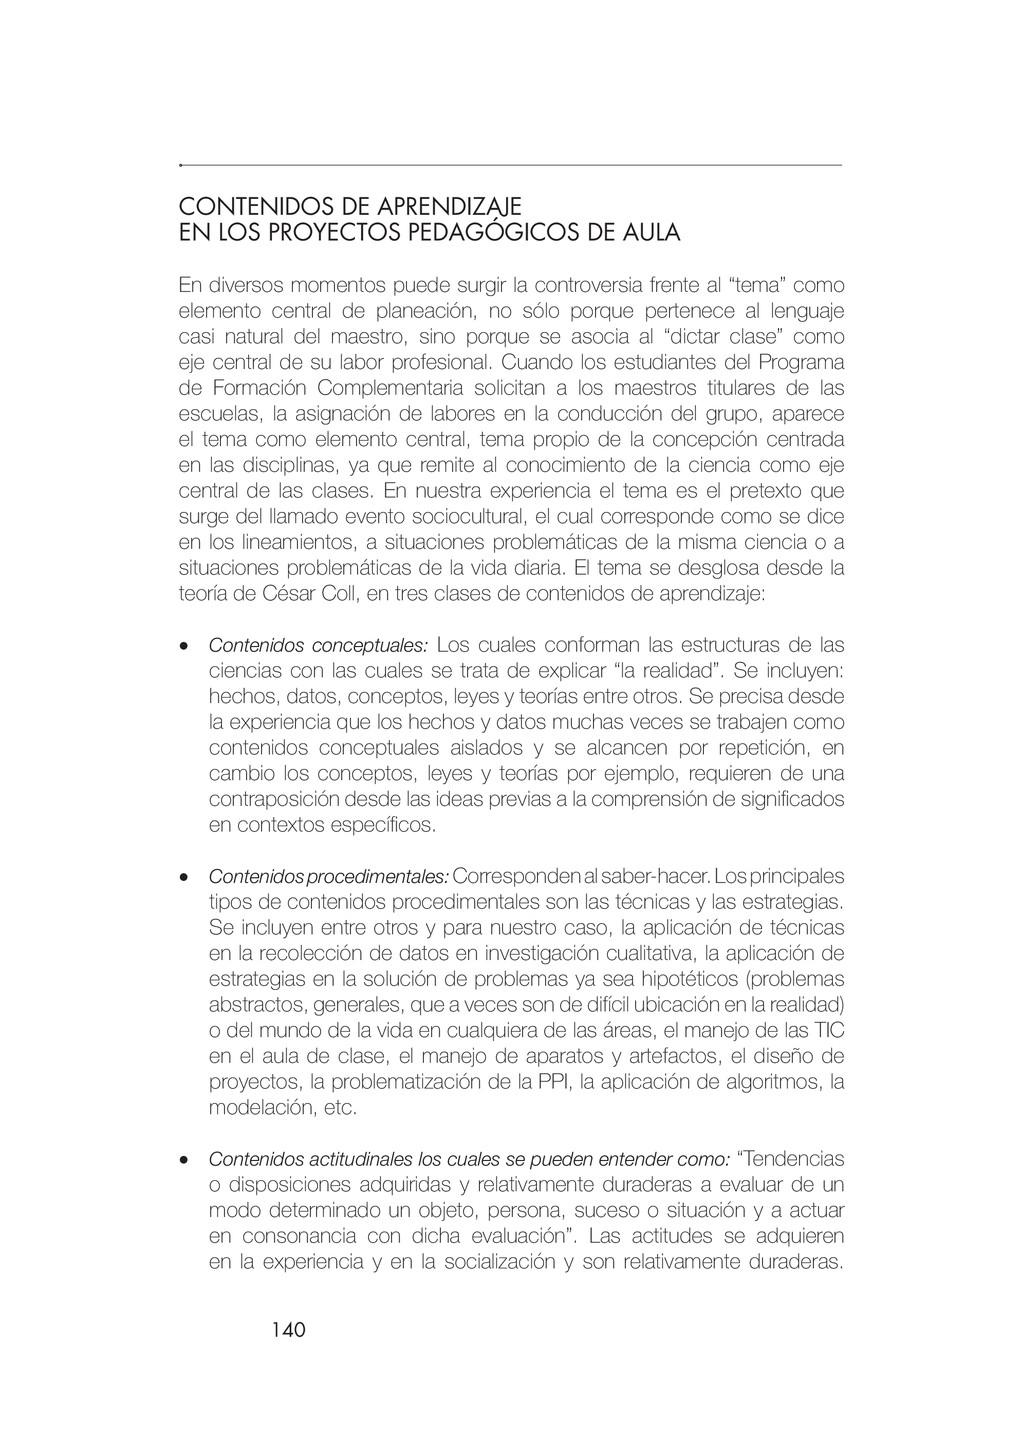 140 CONTENIDOS DE APRENDIZAJE EN LOS PROYECTOS ...